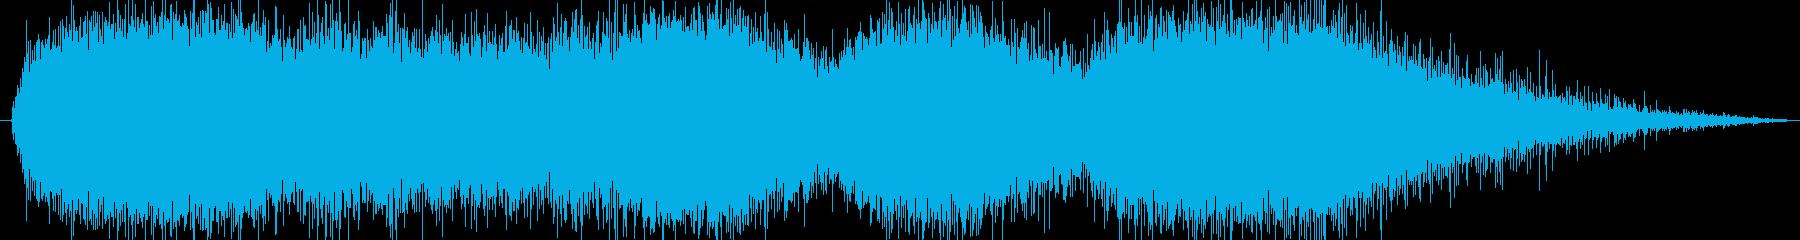 機械 ジグソーエンジンシーケンス03の再生済みの波形